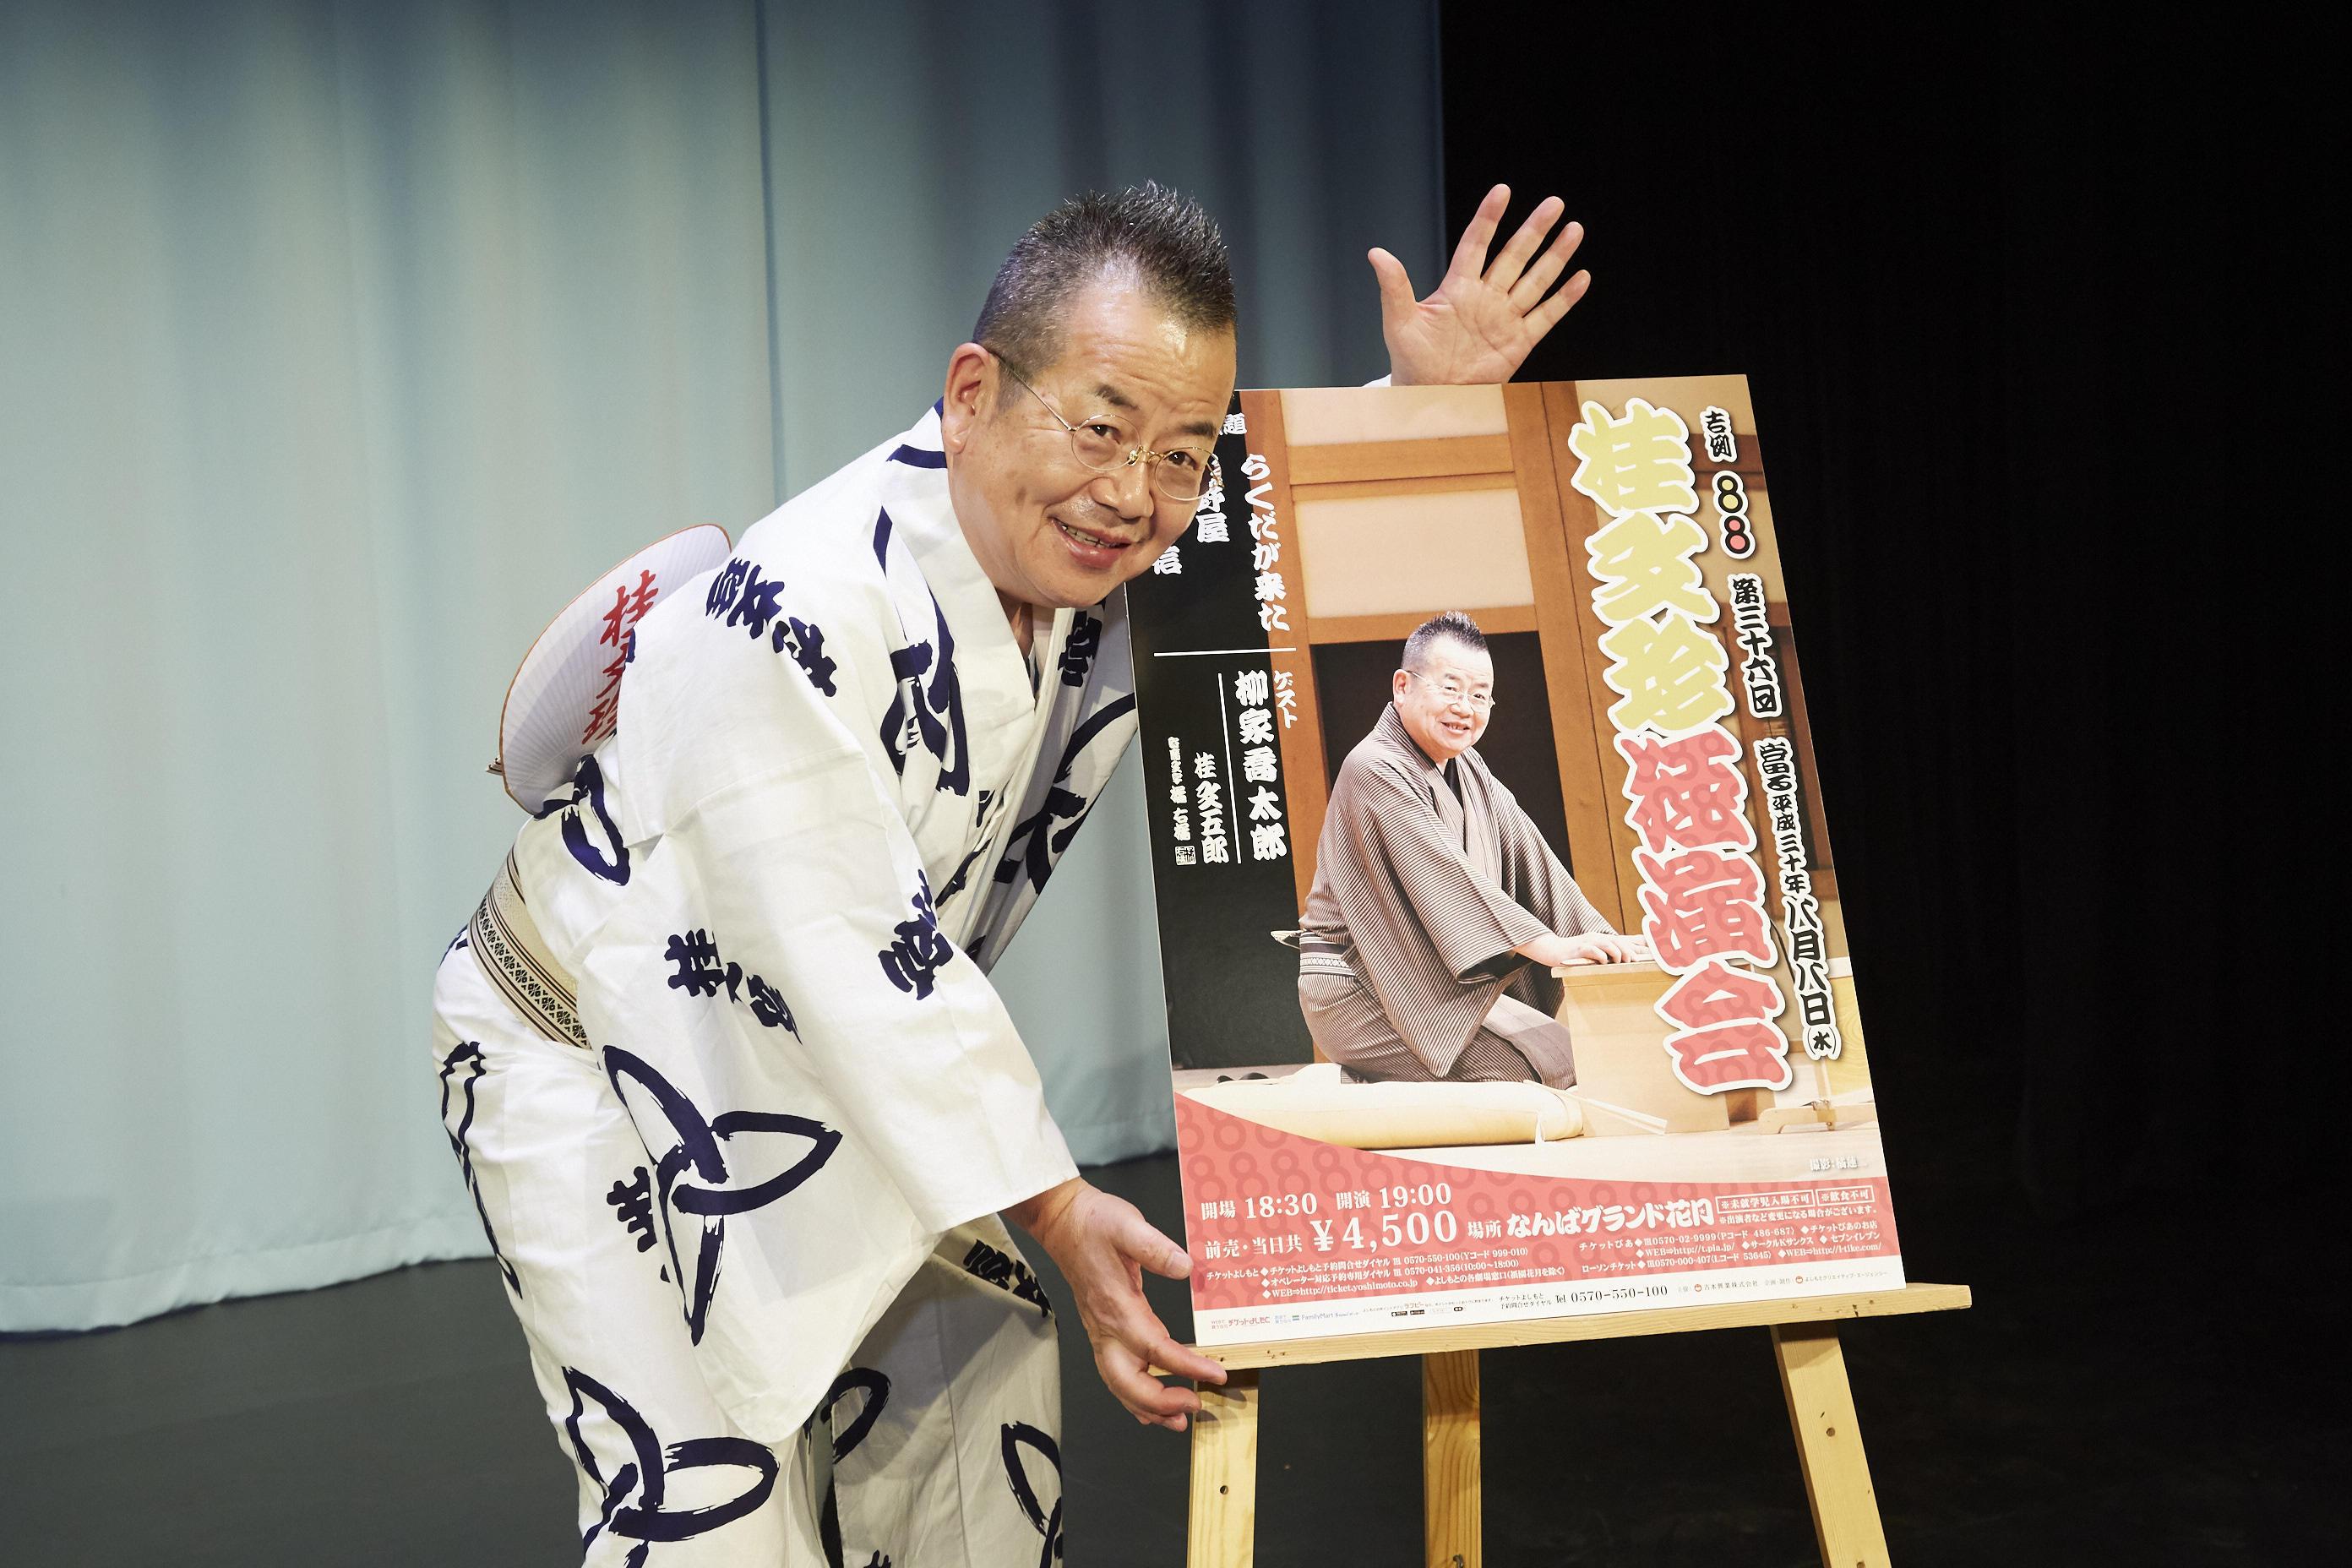 http://news.yoshimoto.co.jp/20180614131949-c4882bc34d7a85902d5e418b6b3df6dd733a21d9.jpg